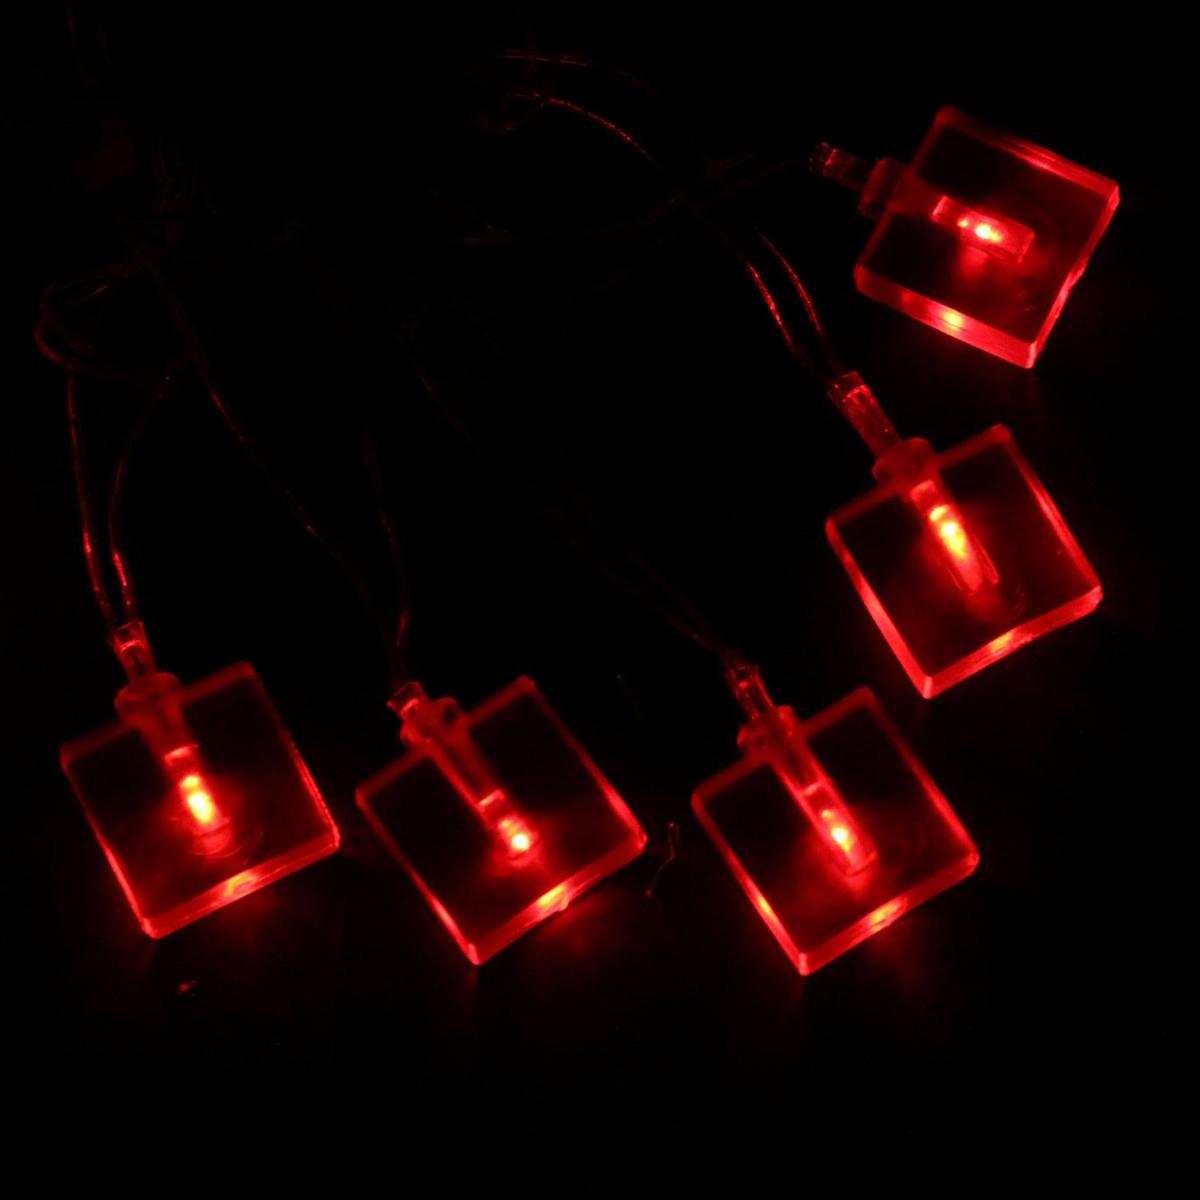 Гирлянда светодиодная Sima-land Метраж. Кубики, цвет: красный, 70 ламп, 8 режимов, 220 V, длина 10 м